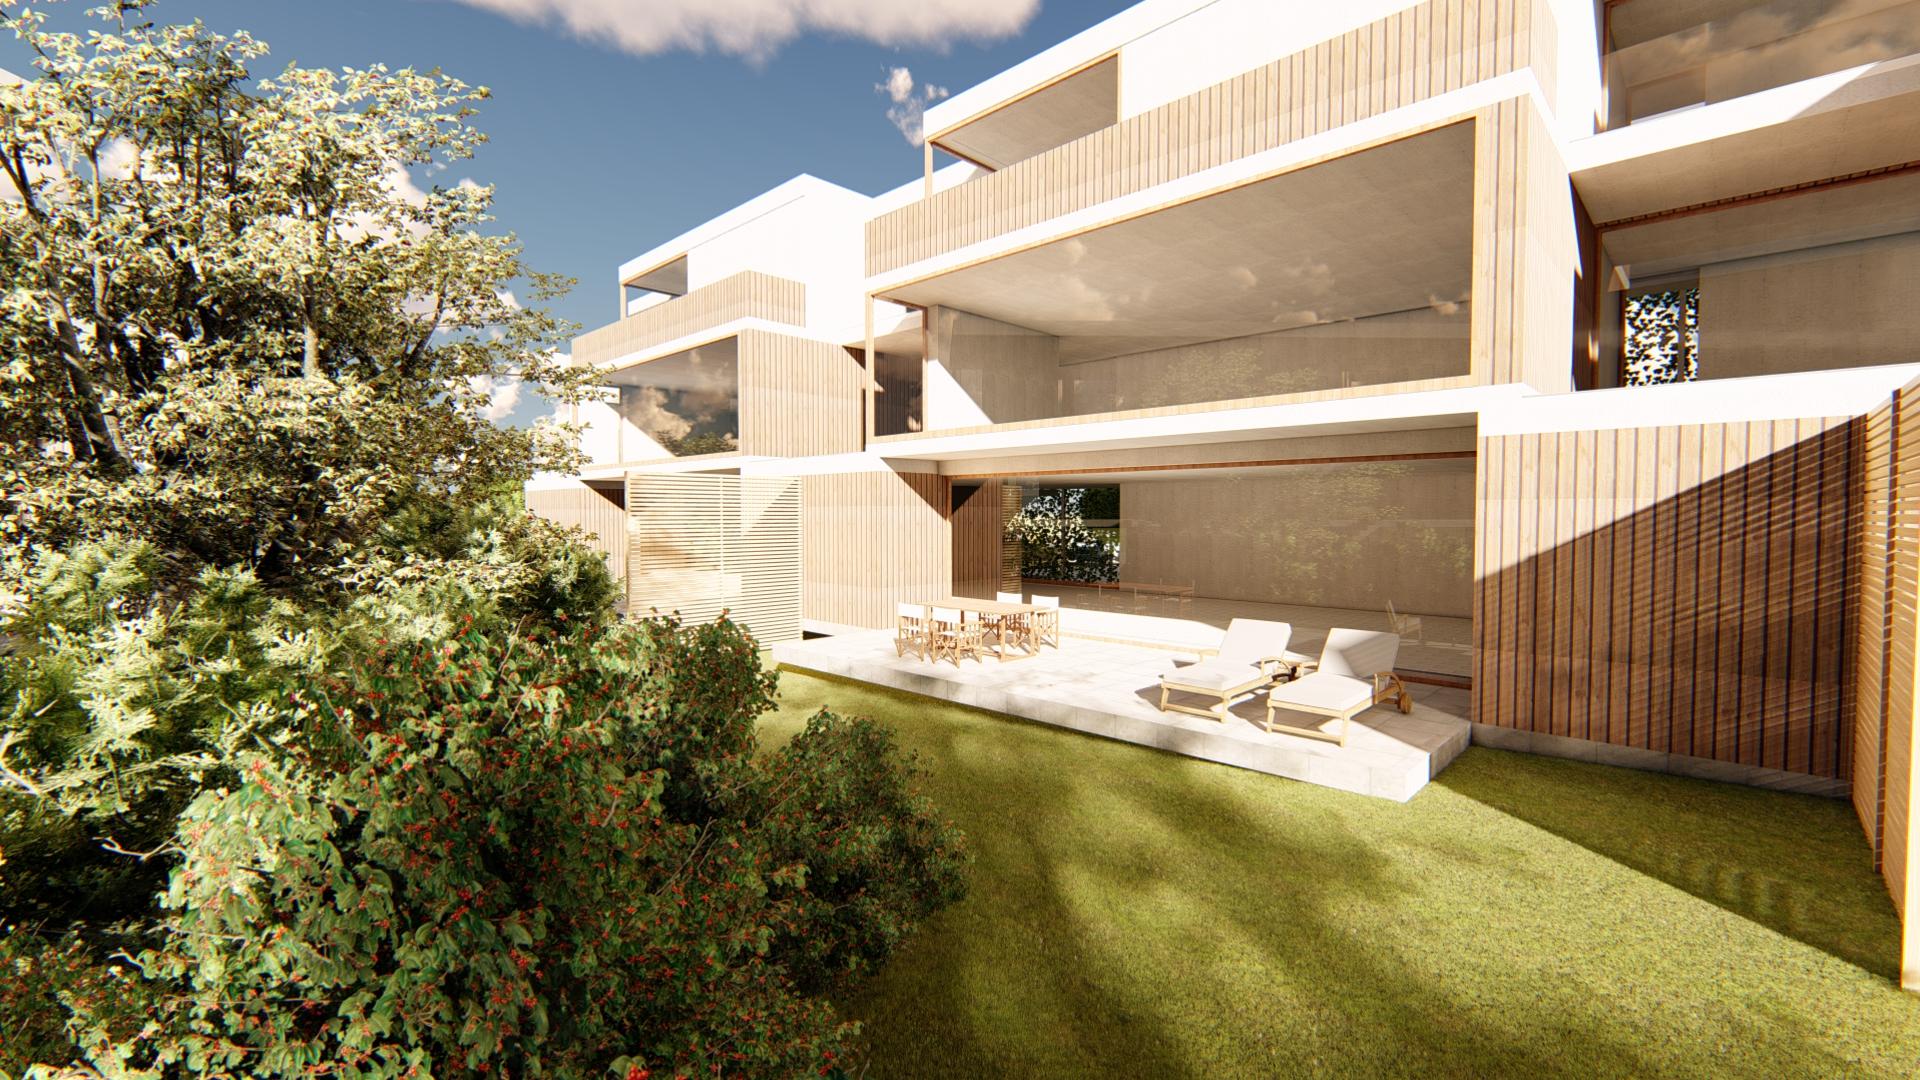 Wettbewerb Wohnbebauung Gießen 2